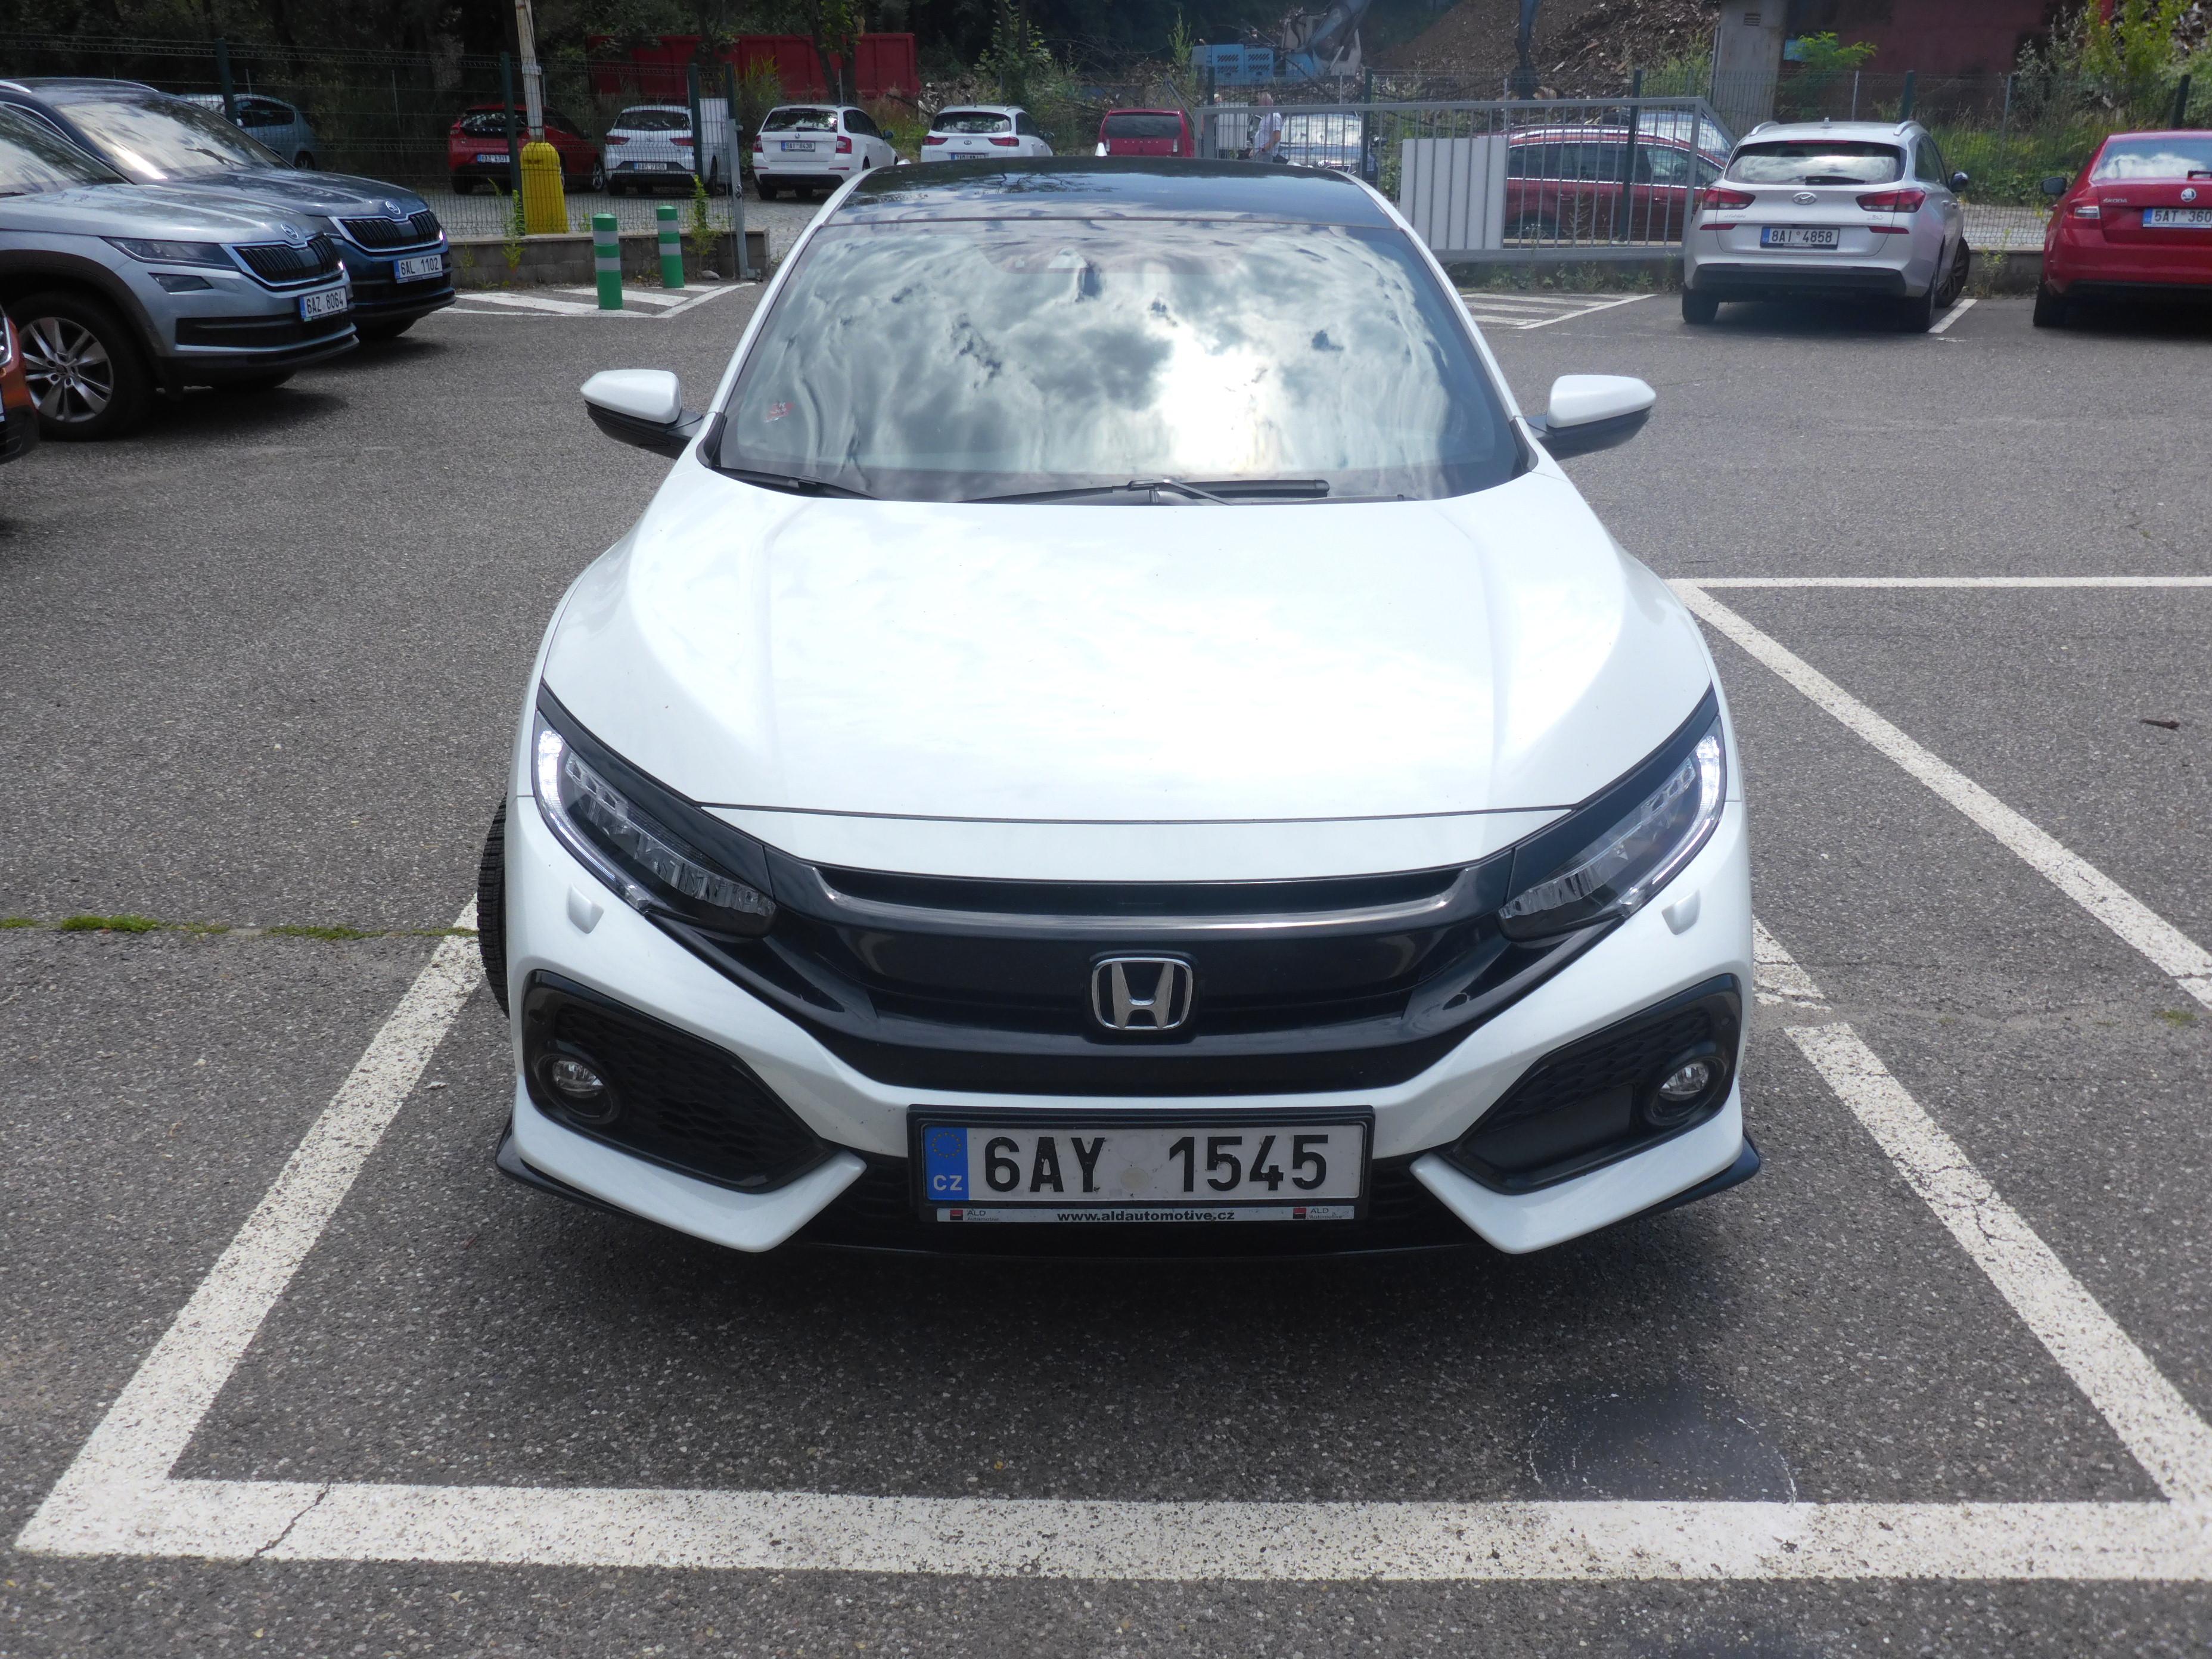 Honda - Civic X '17 5 dv. hatchback